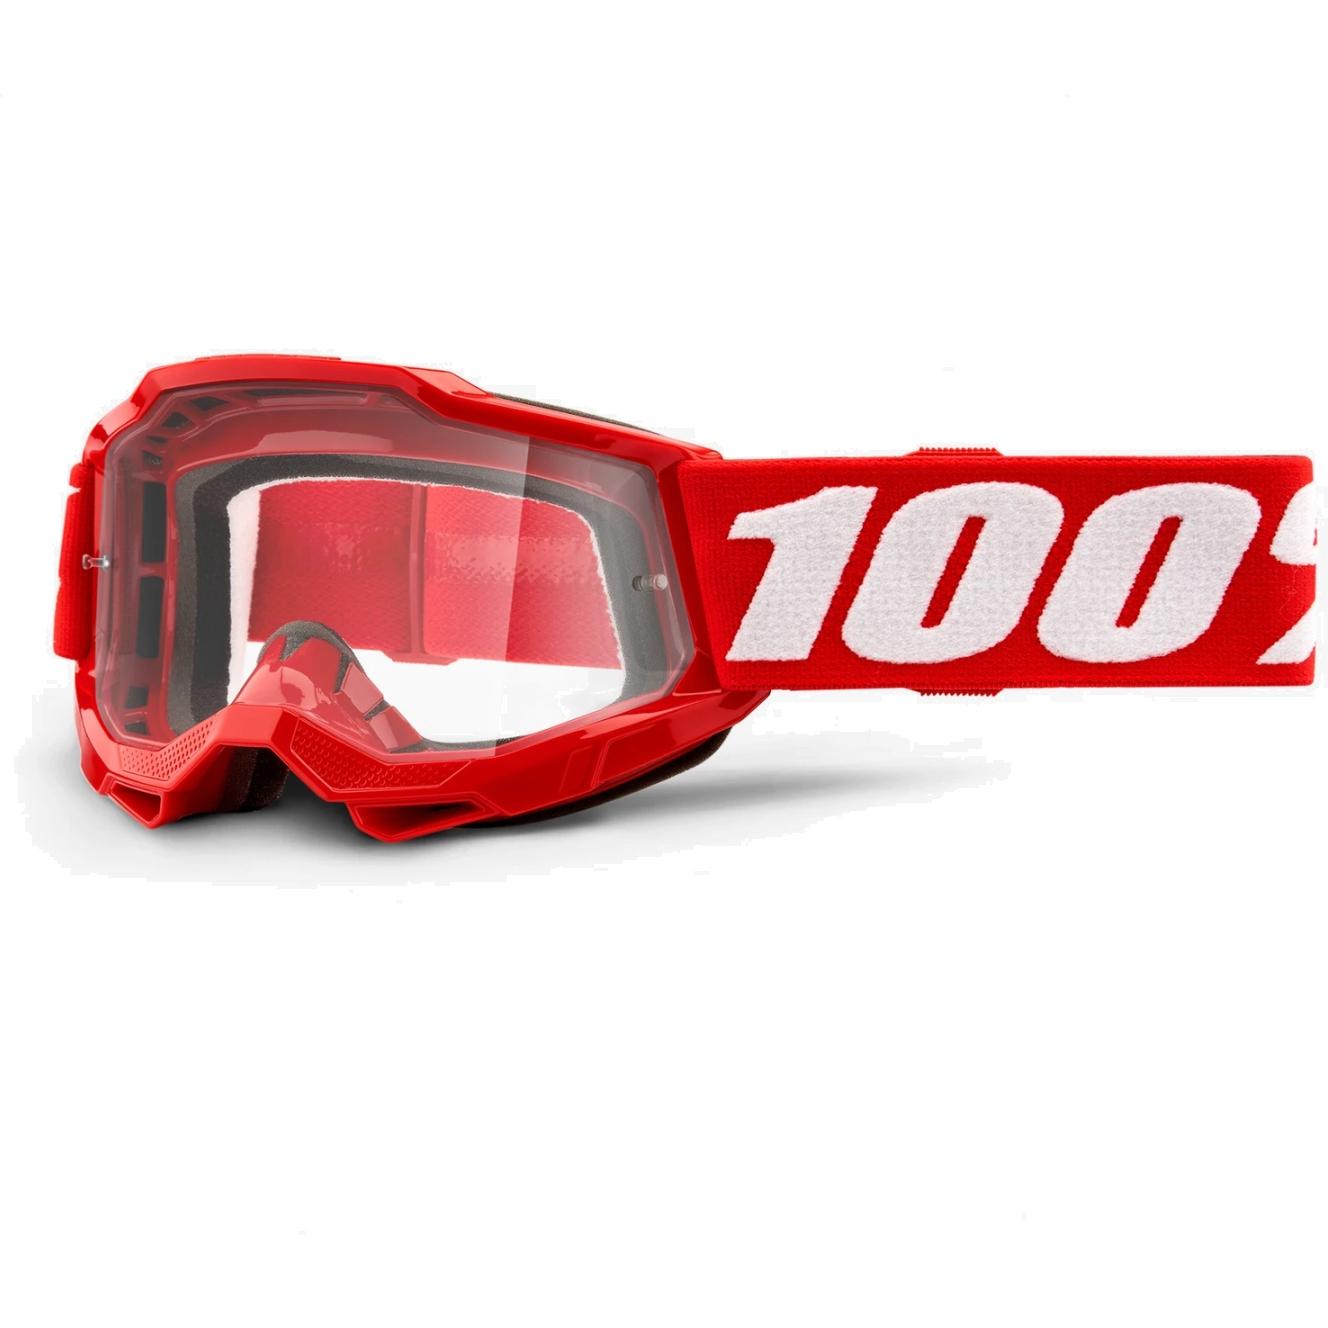 Imagen de 100% Accuri 2 Goggle Mirror Lens Gafas para niños - Neon Red - Pink Mirror